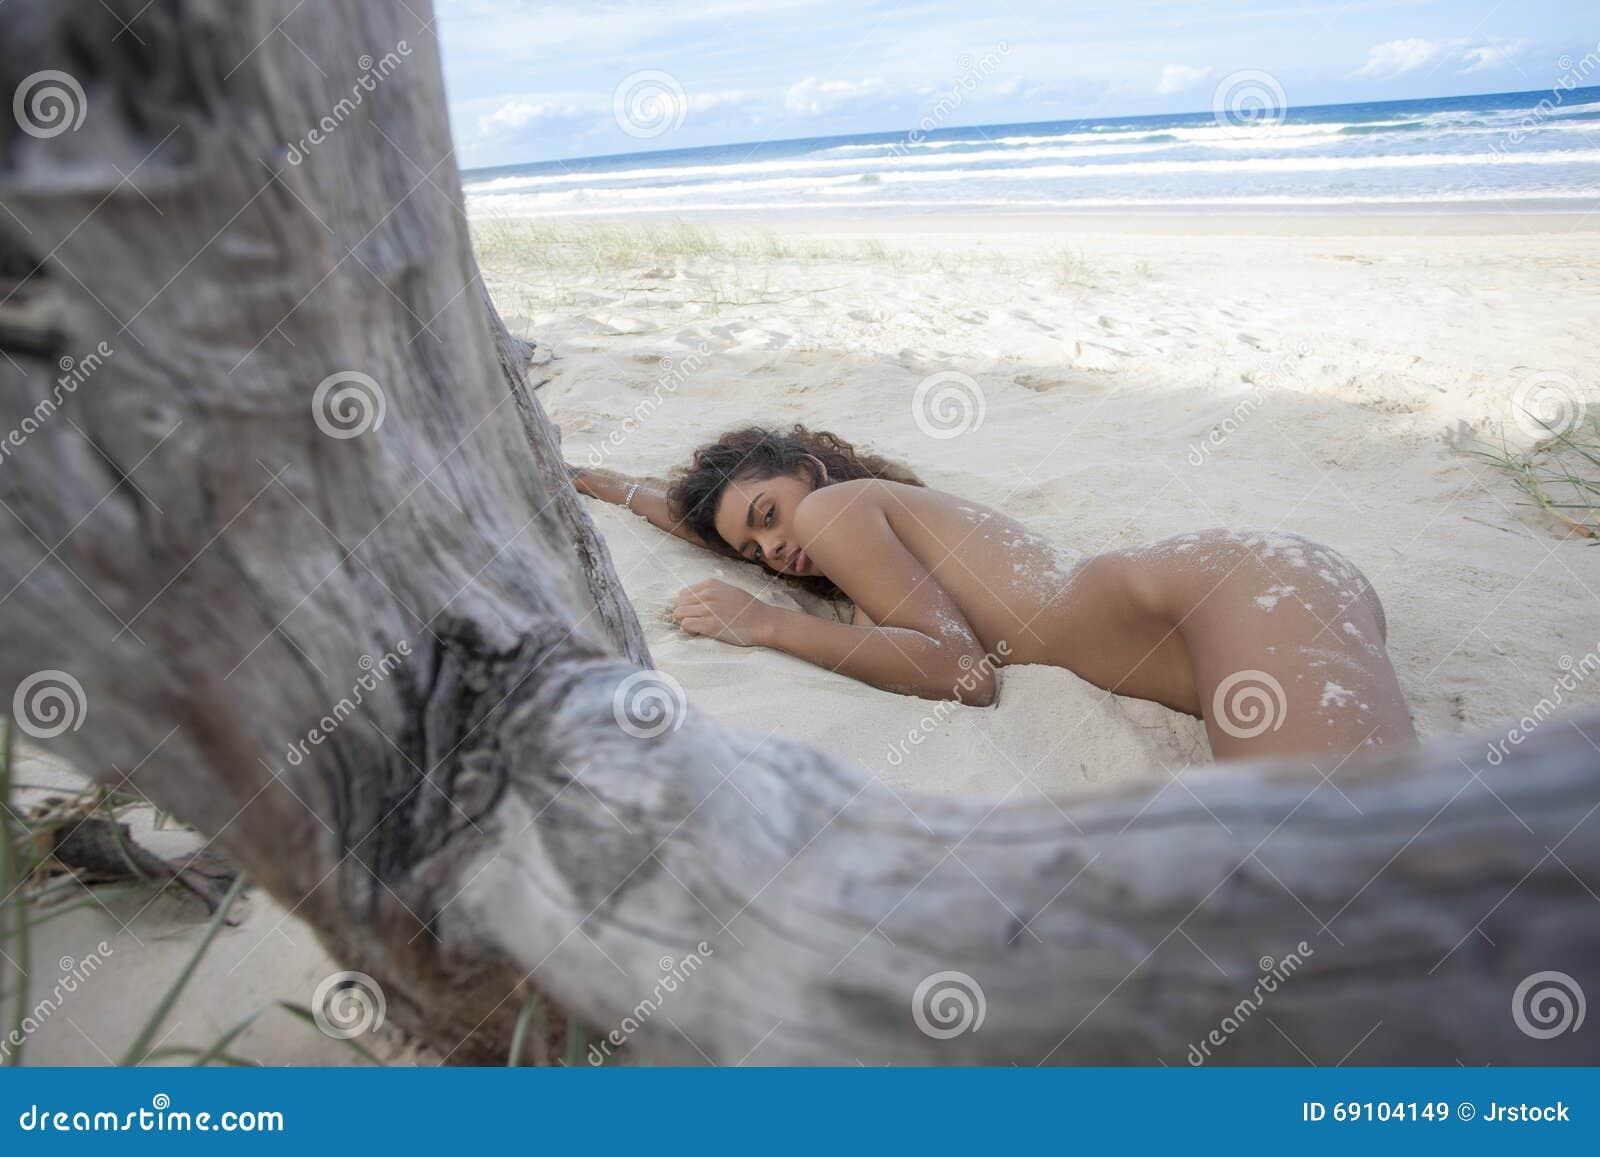 Сексуальная девушка на пляже в песке